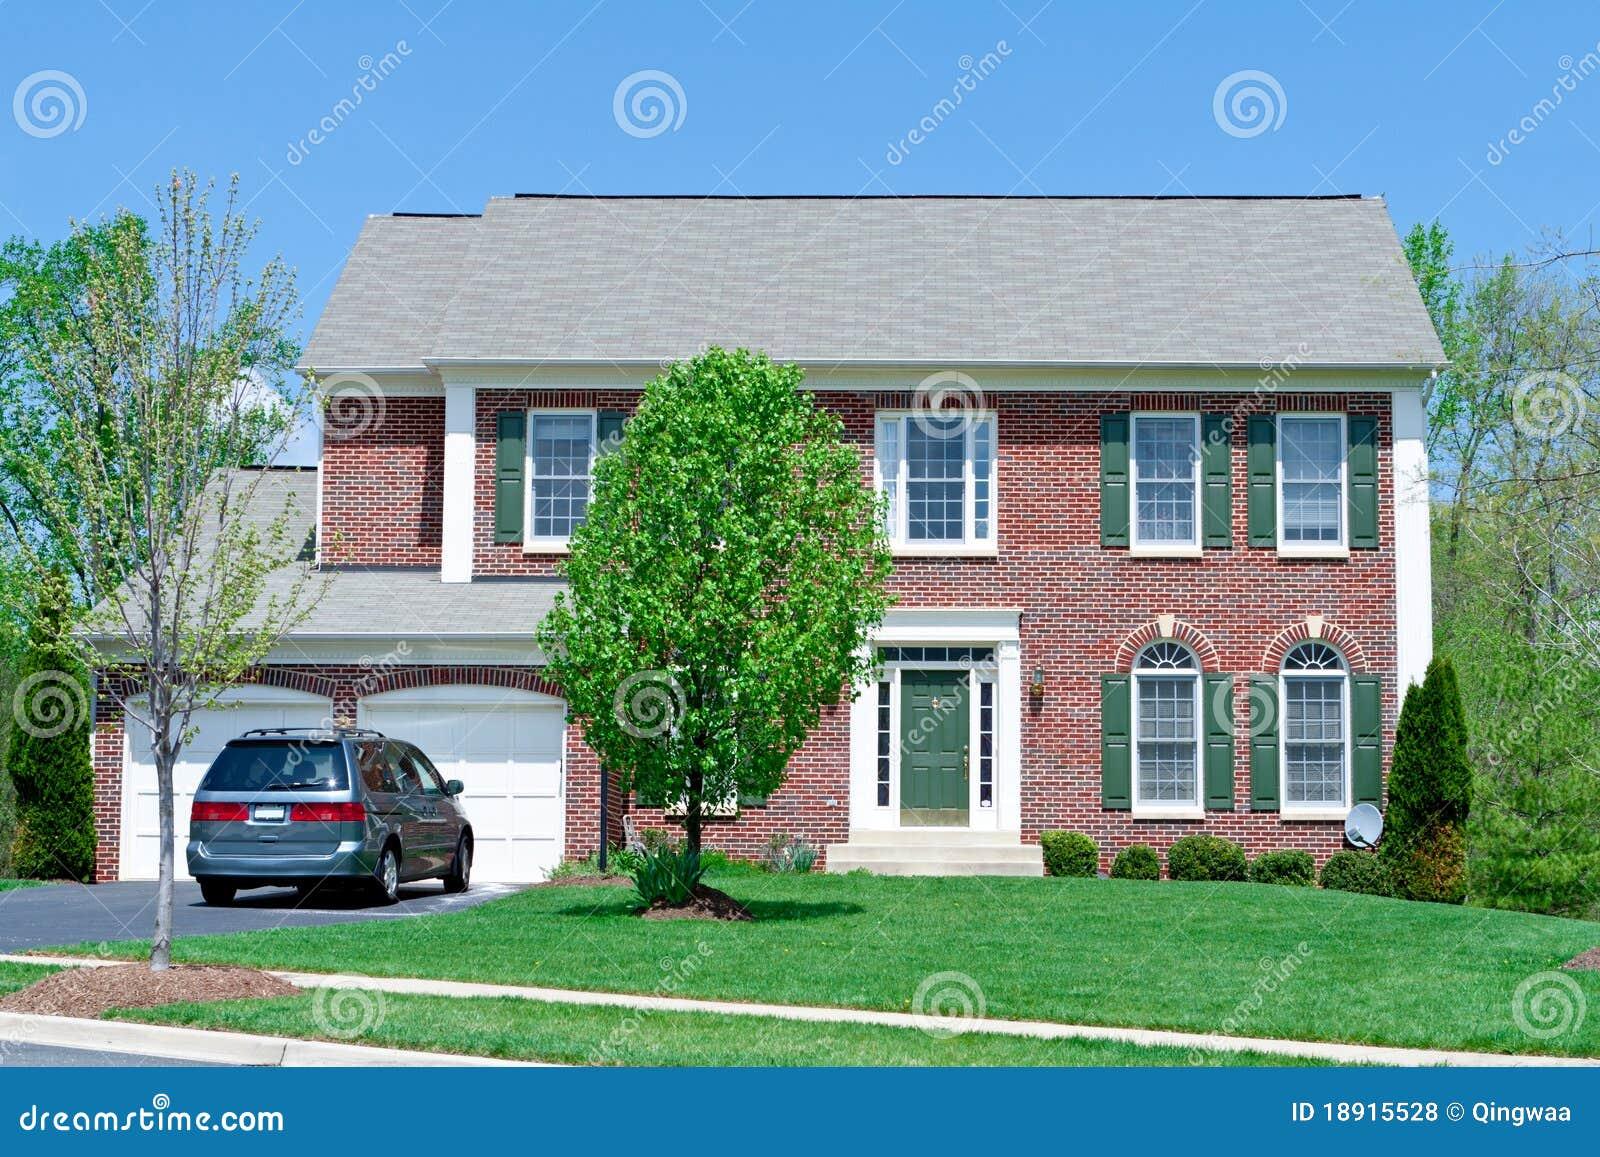 M d het in de voorsteden van het voor van de baksteen enige van de familie huis van het huis - Fotos van eigentijds huis ...